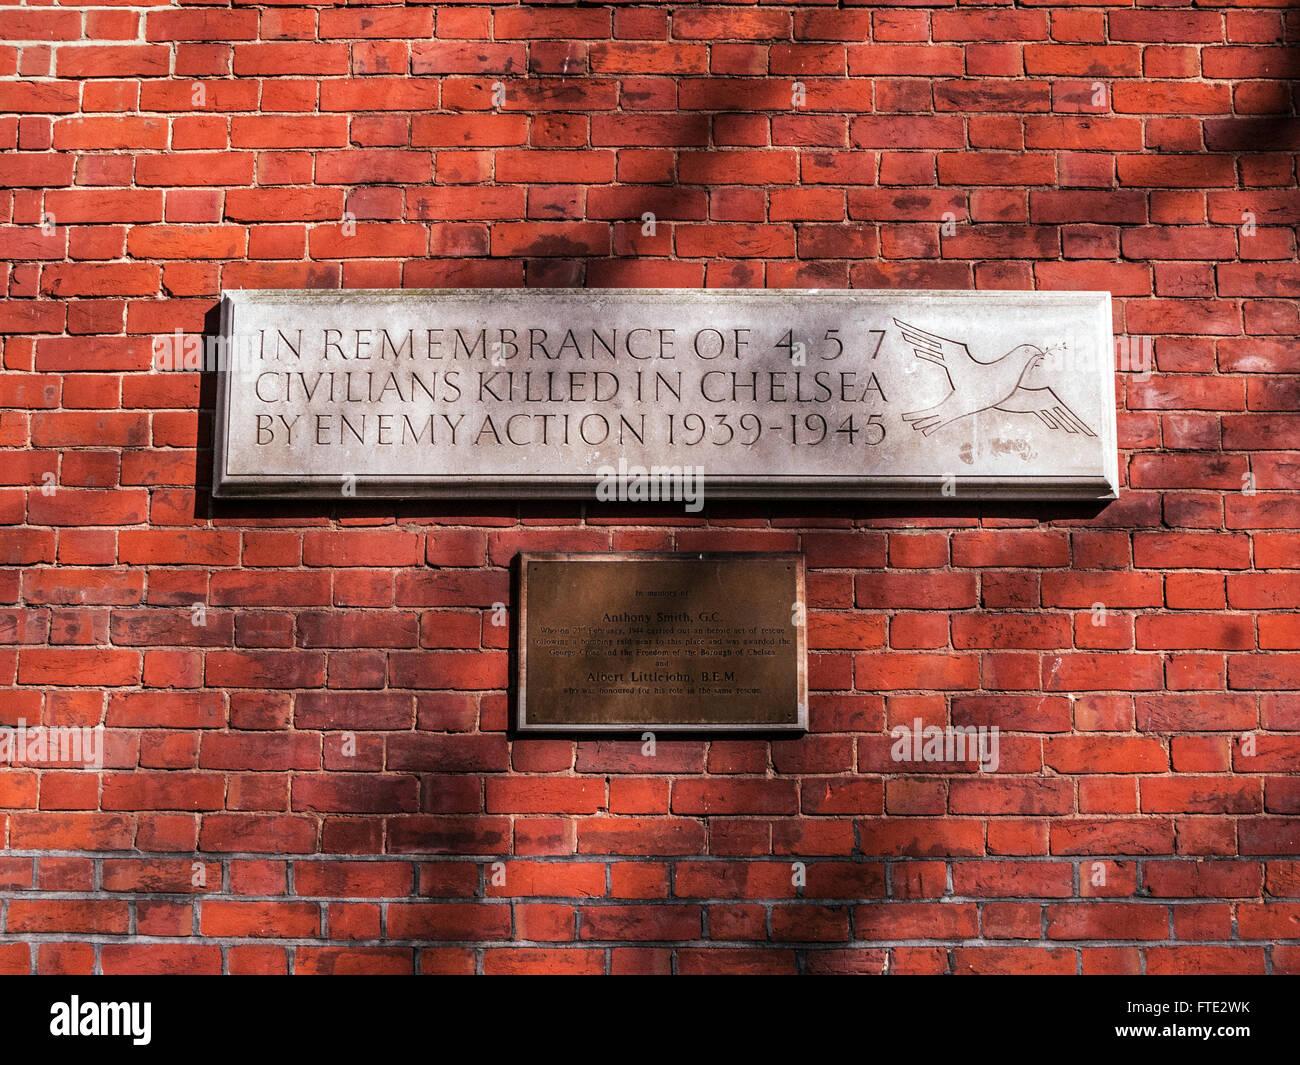 Civilian War Memorial, Chelsea, London - Stock Image